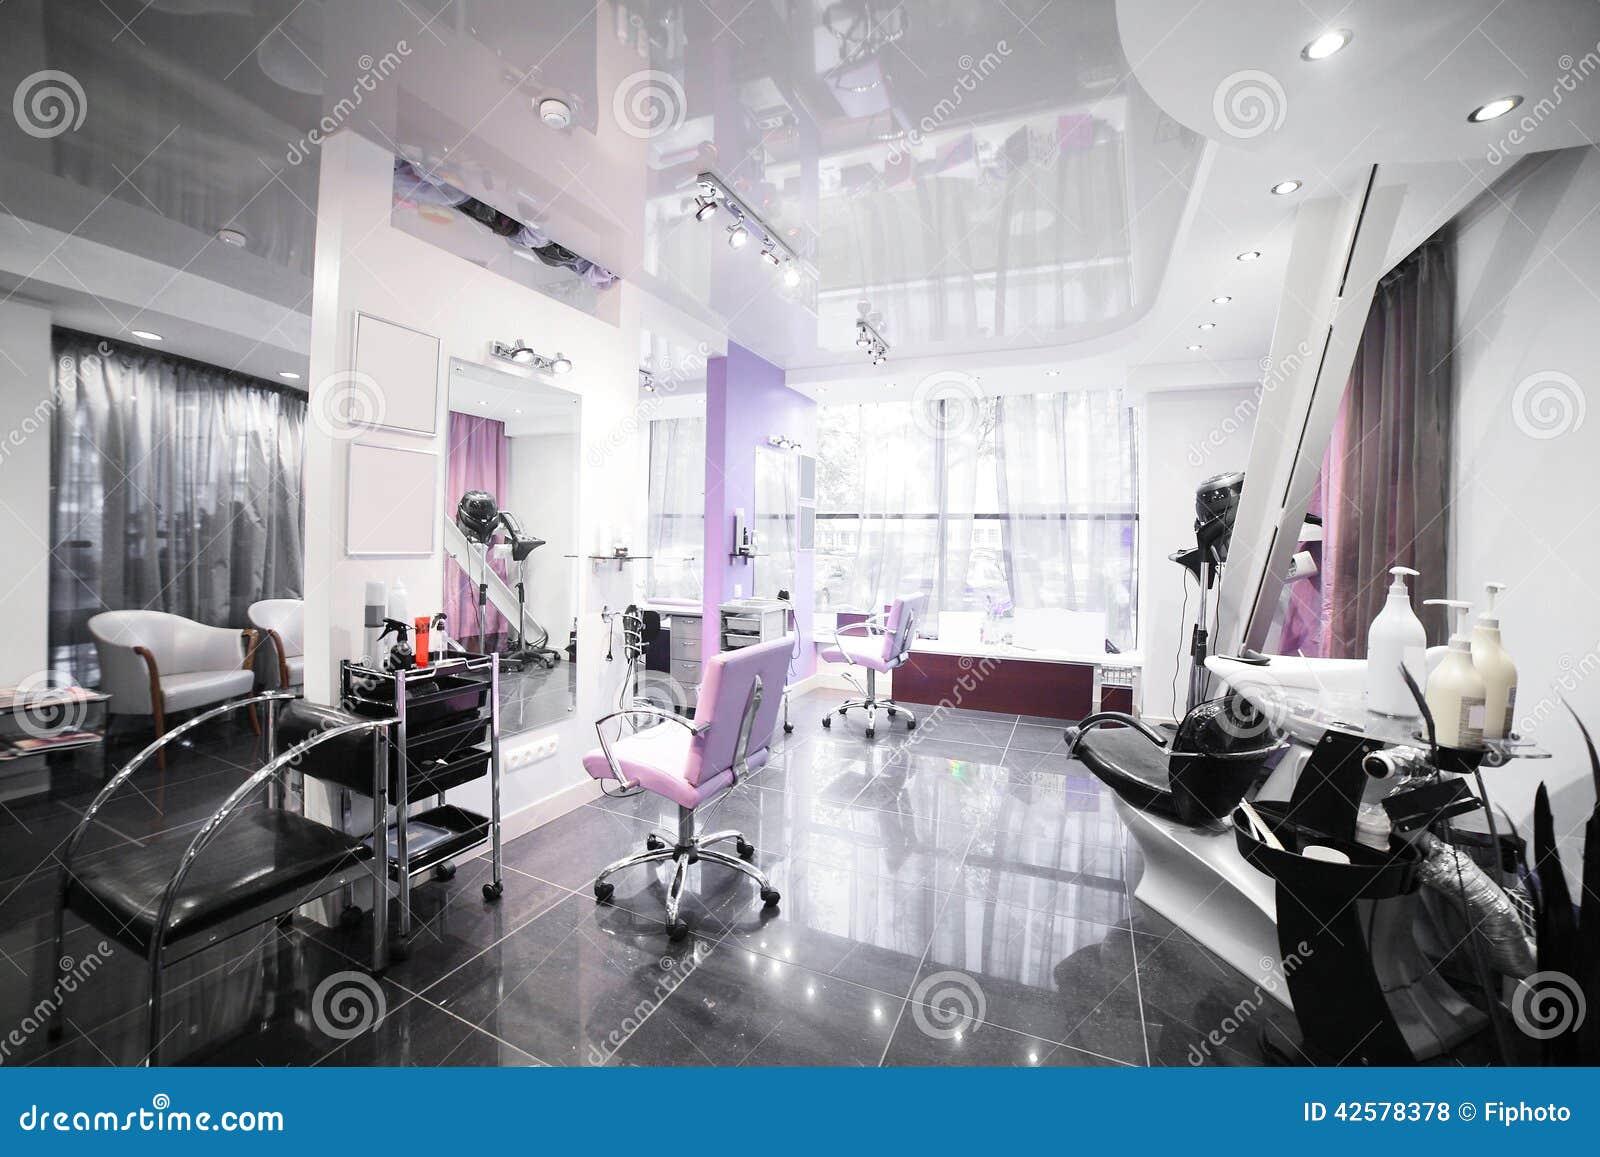 Interior of modern beauty salon stock photo image 42578378 for Administrar un salon de belleza